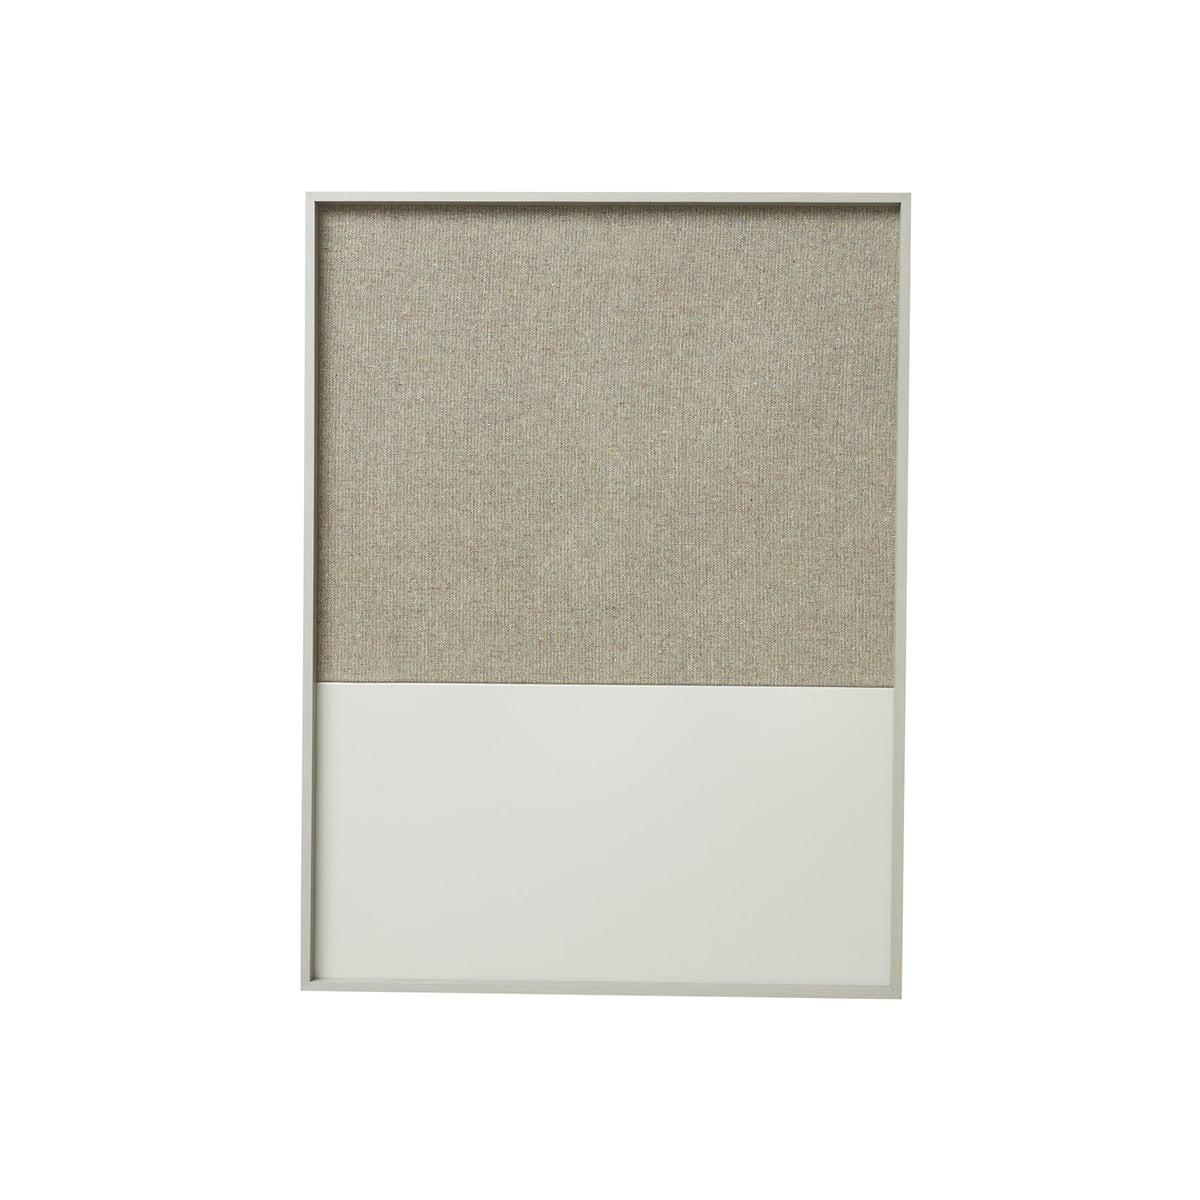 Crochet Pour Tableau Lourd ferm living - tableau d'affichage frame petit format, gris